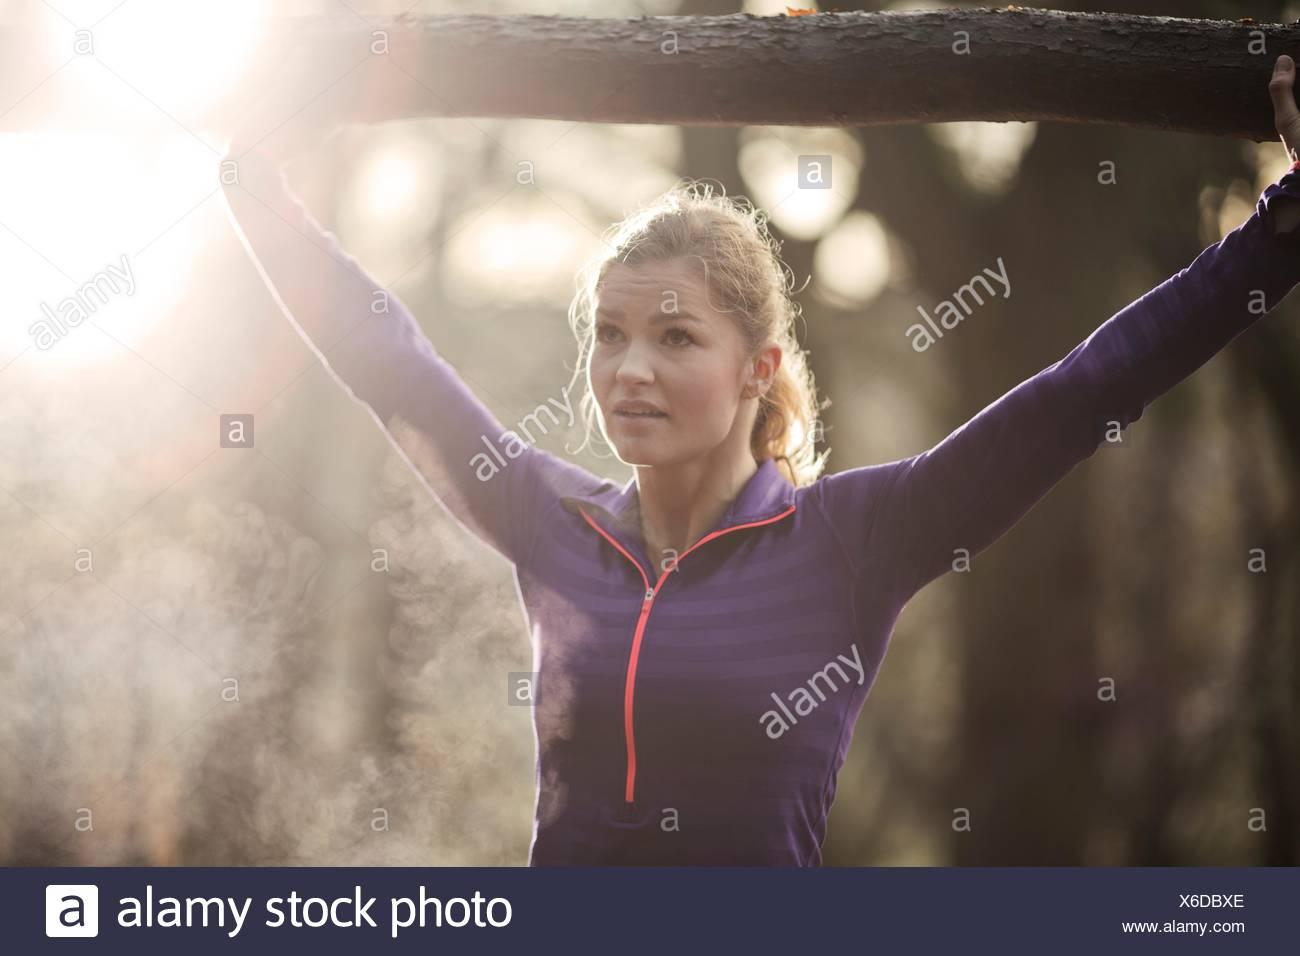 Jeune femme dans les bras levés tenant branche d'arbre, à l'écart, la condensation de souffle Photo Stock